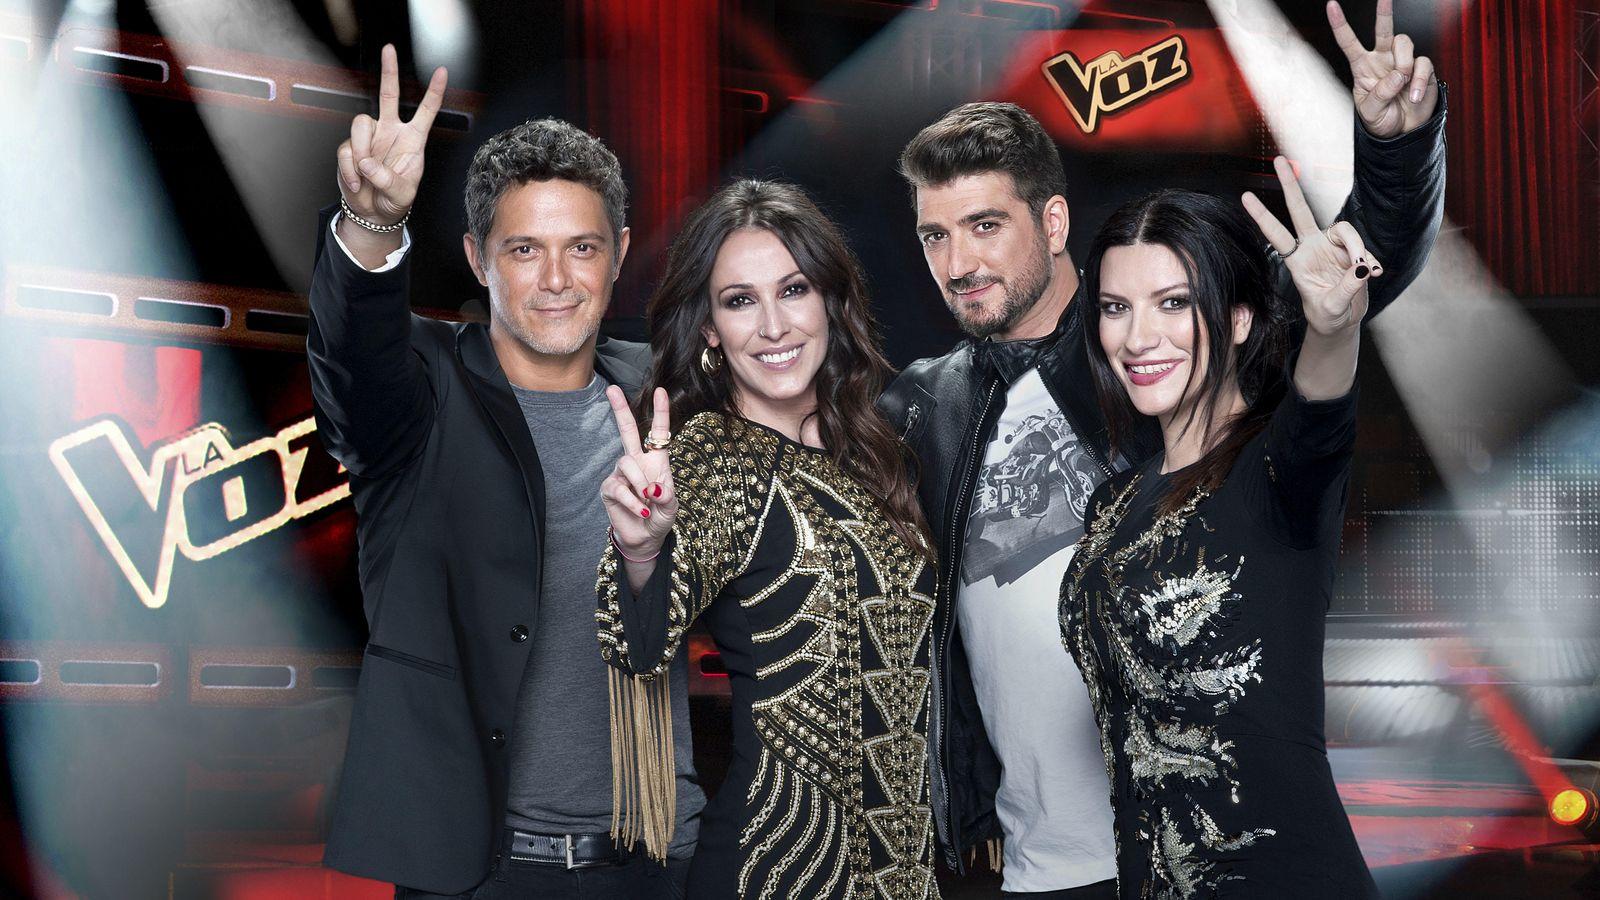 Foto: Directo de 'La Voz': Alejandro Sanz, Pausini, Orozco y Malú lo dan todo en el 'talent show'